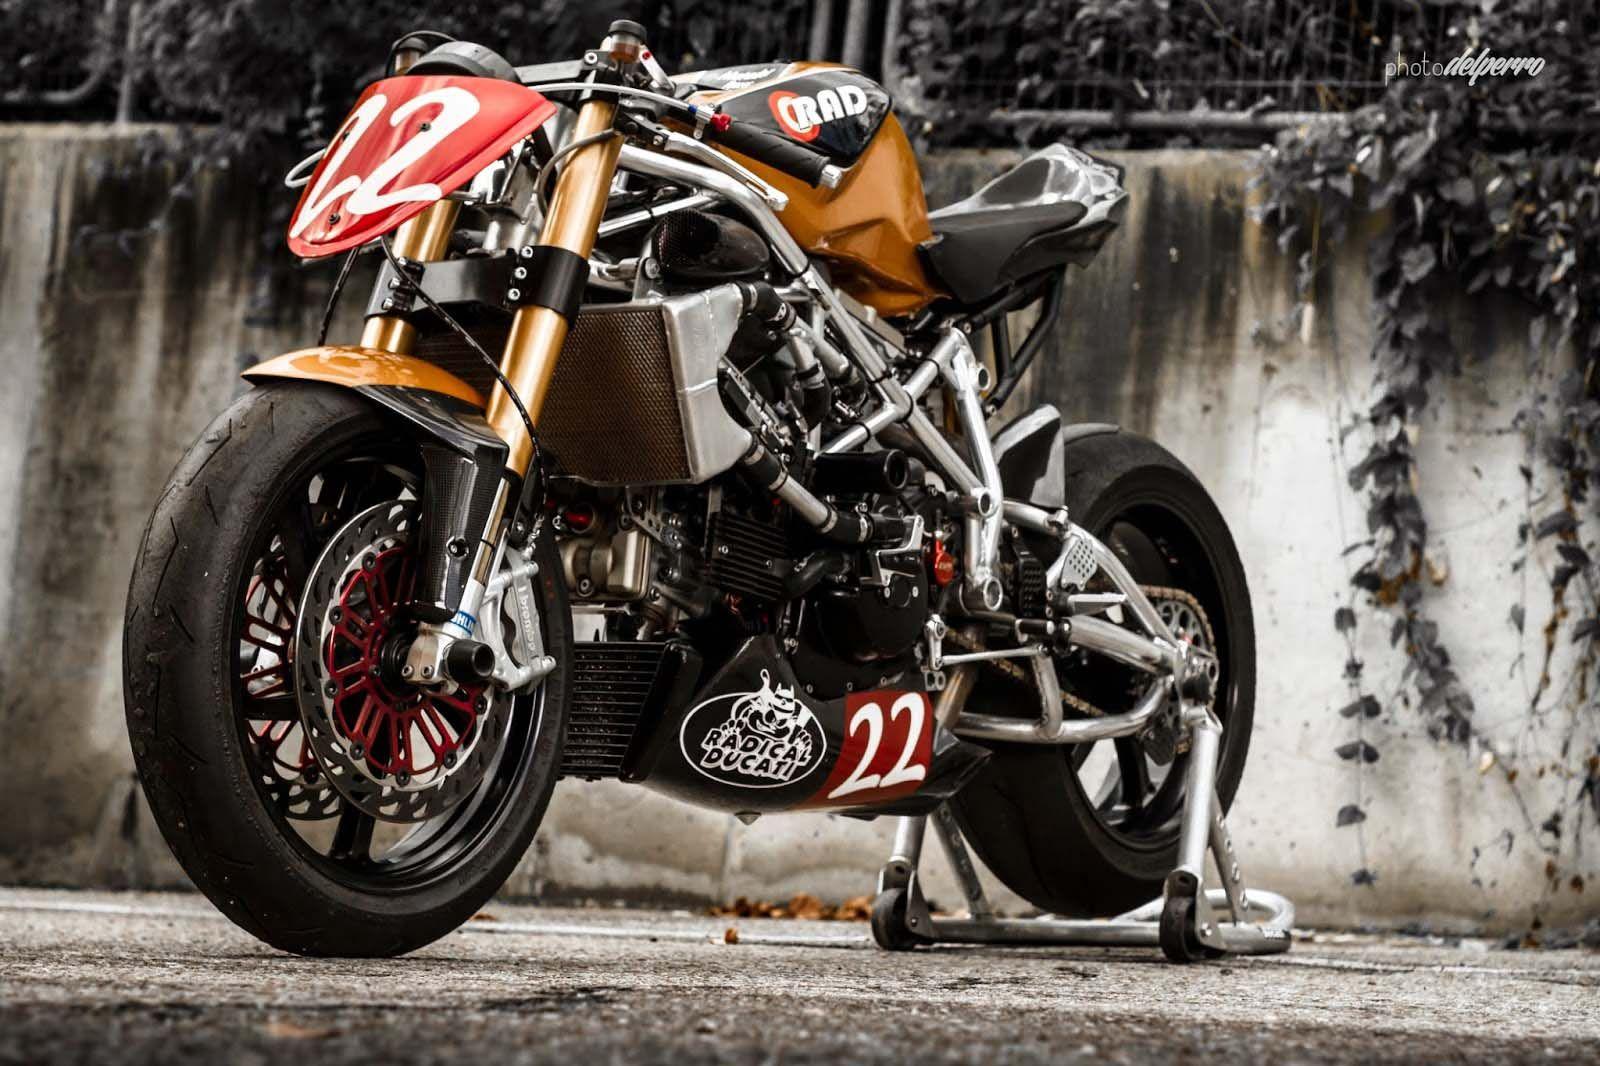 Radical Ducati Matador 03 Jpg 1600 1066 Ducati Ducati Cafe Racer Ducati 1198